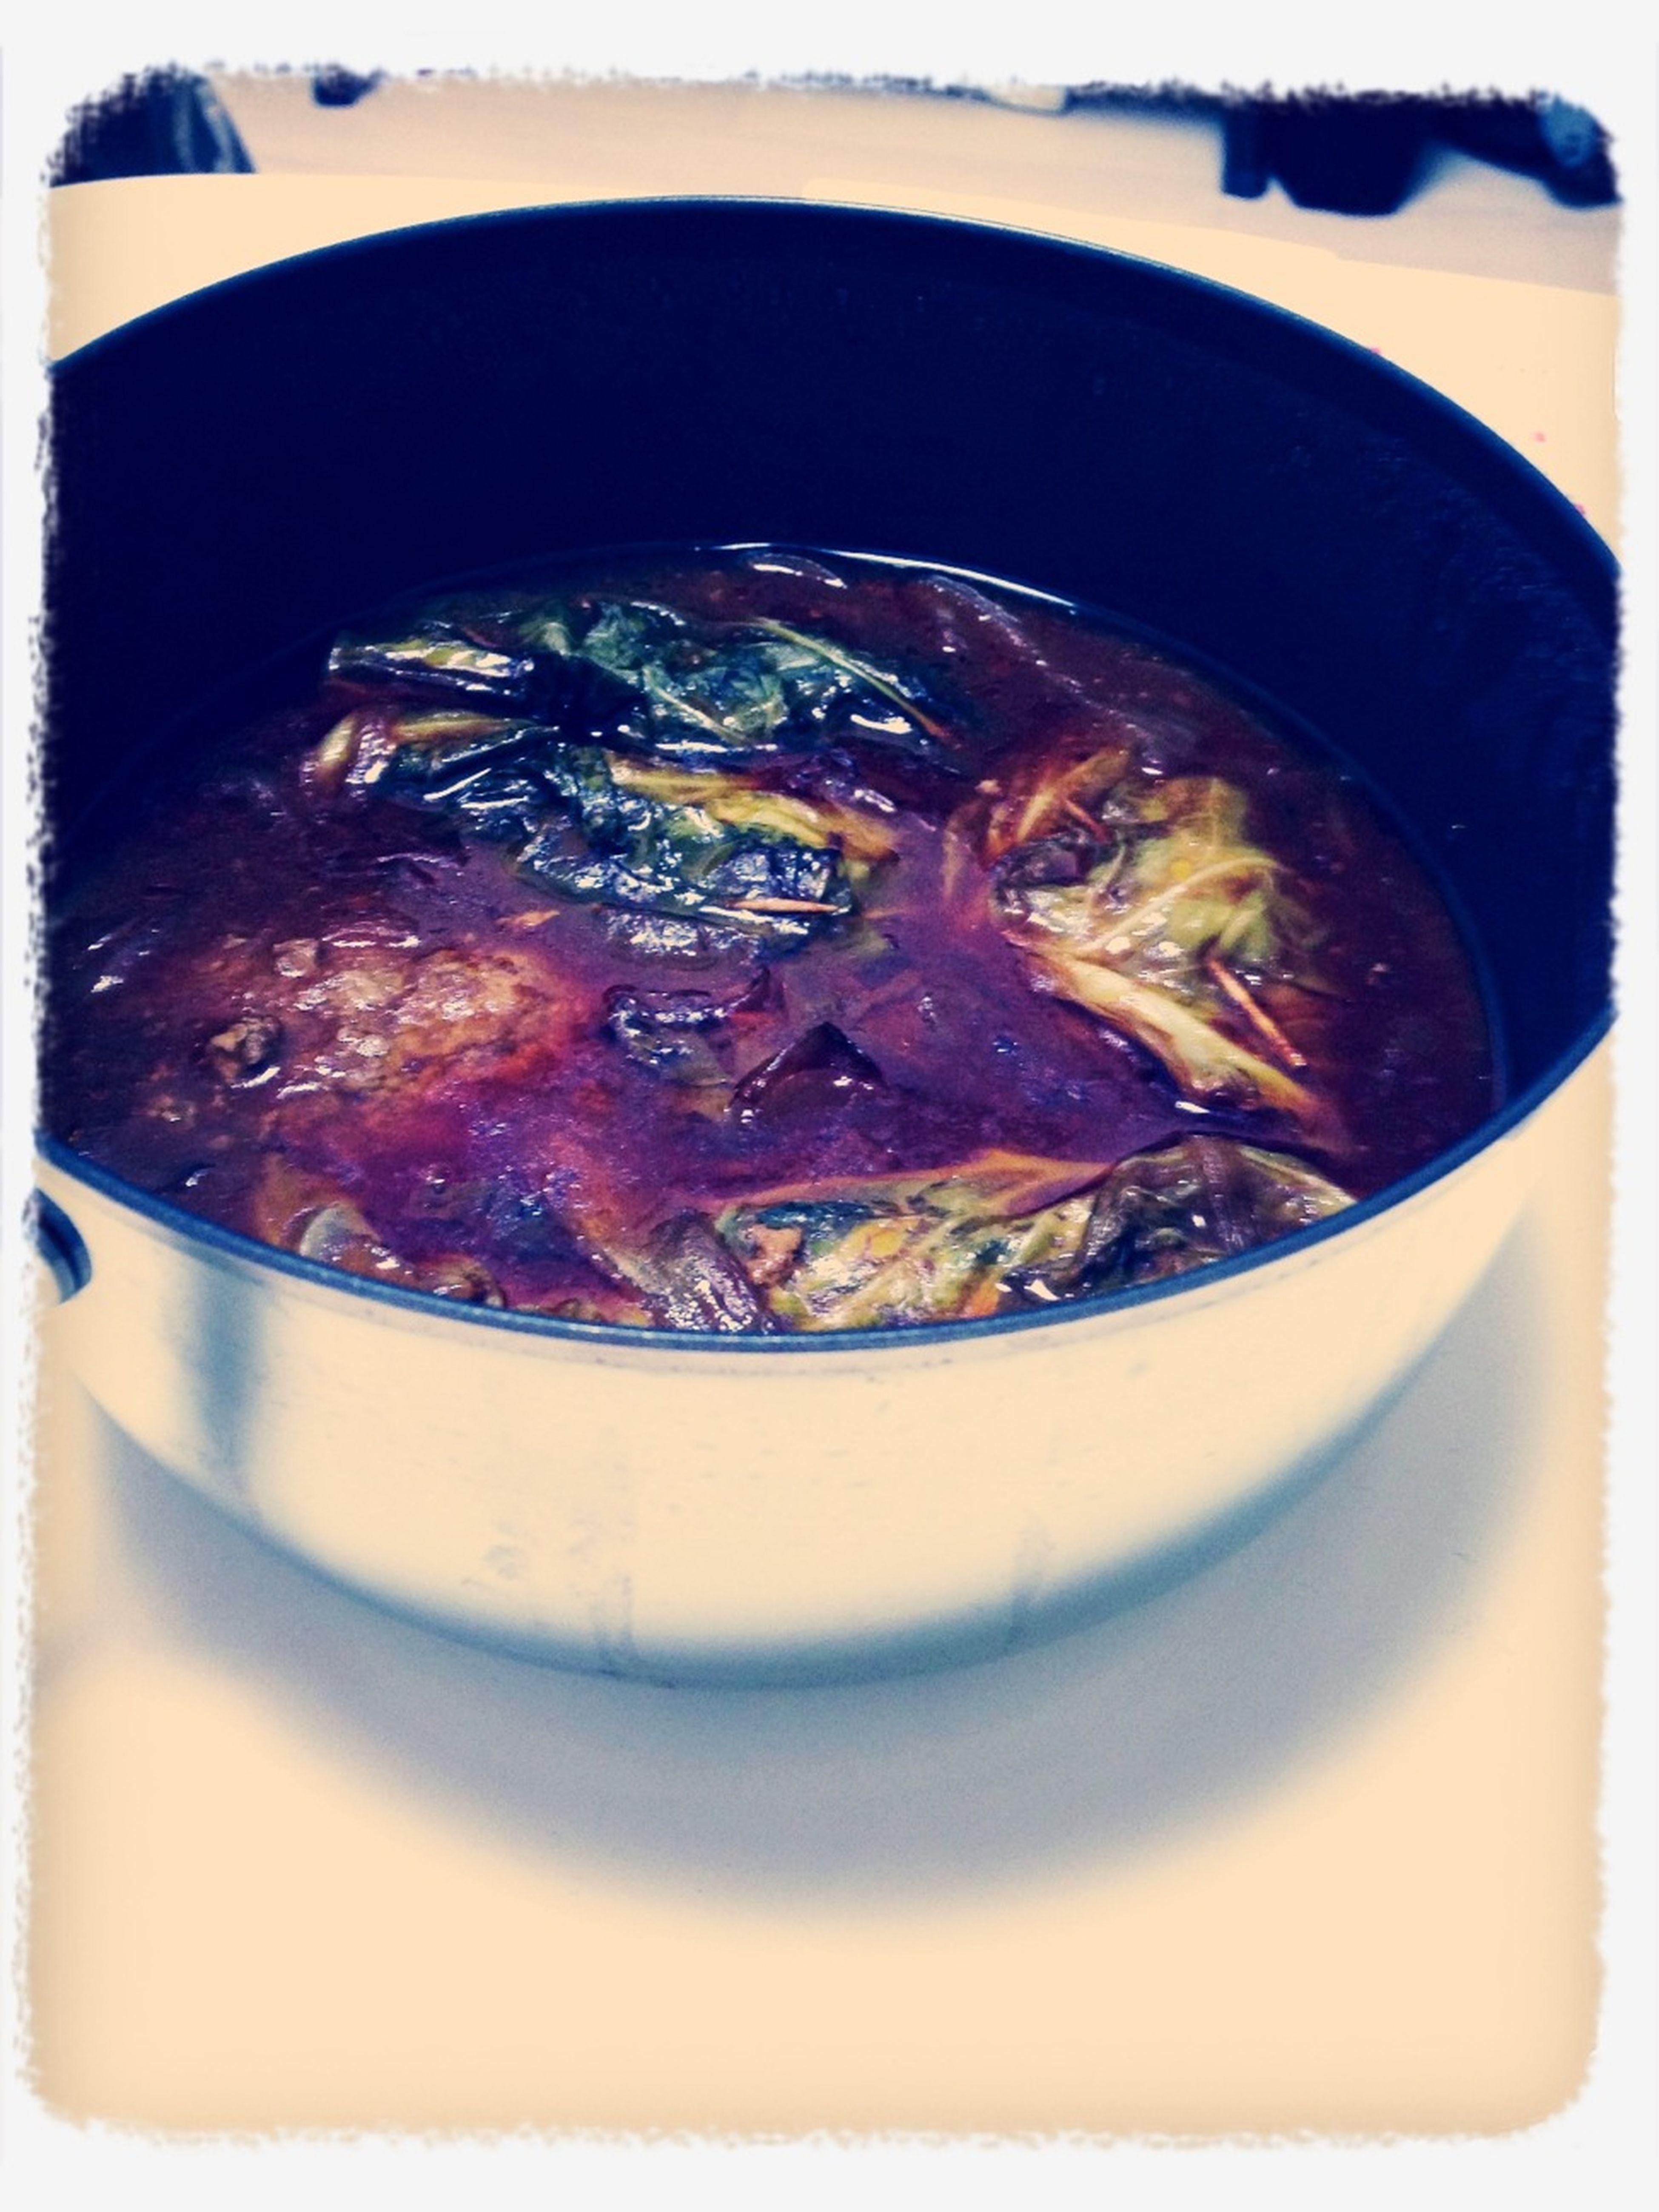 ロールキャベツをデミグラスで煮込んでみた!